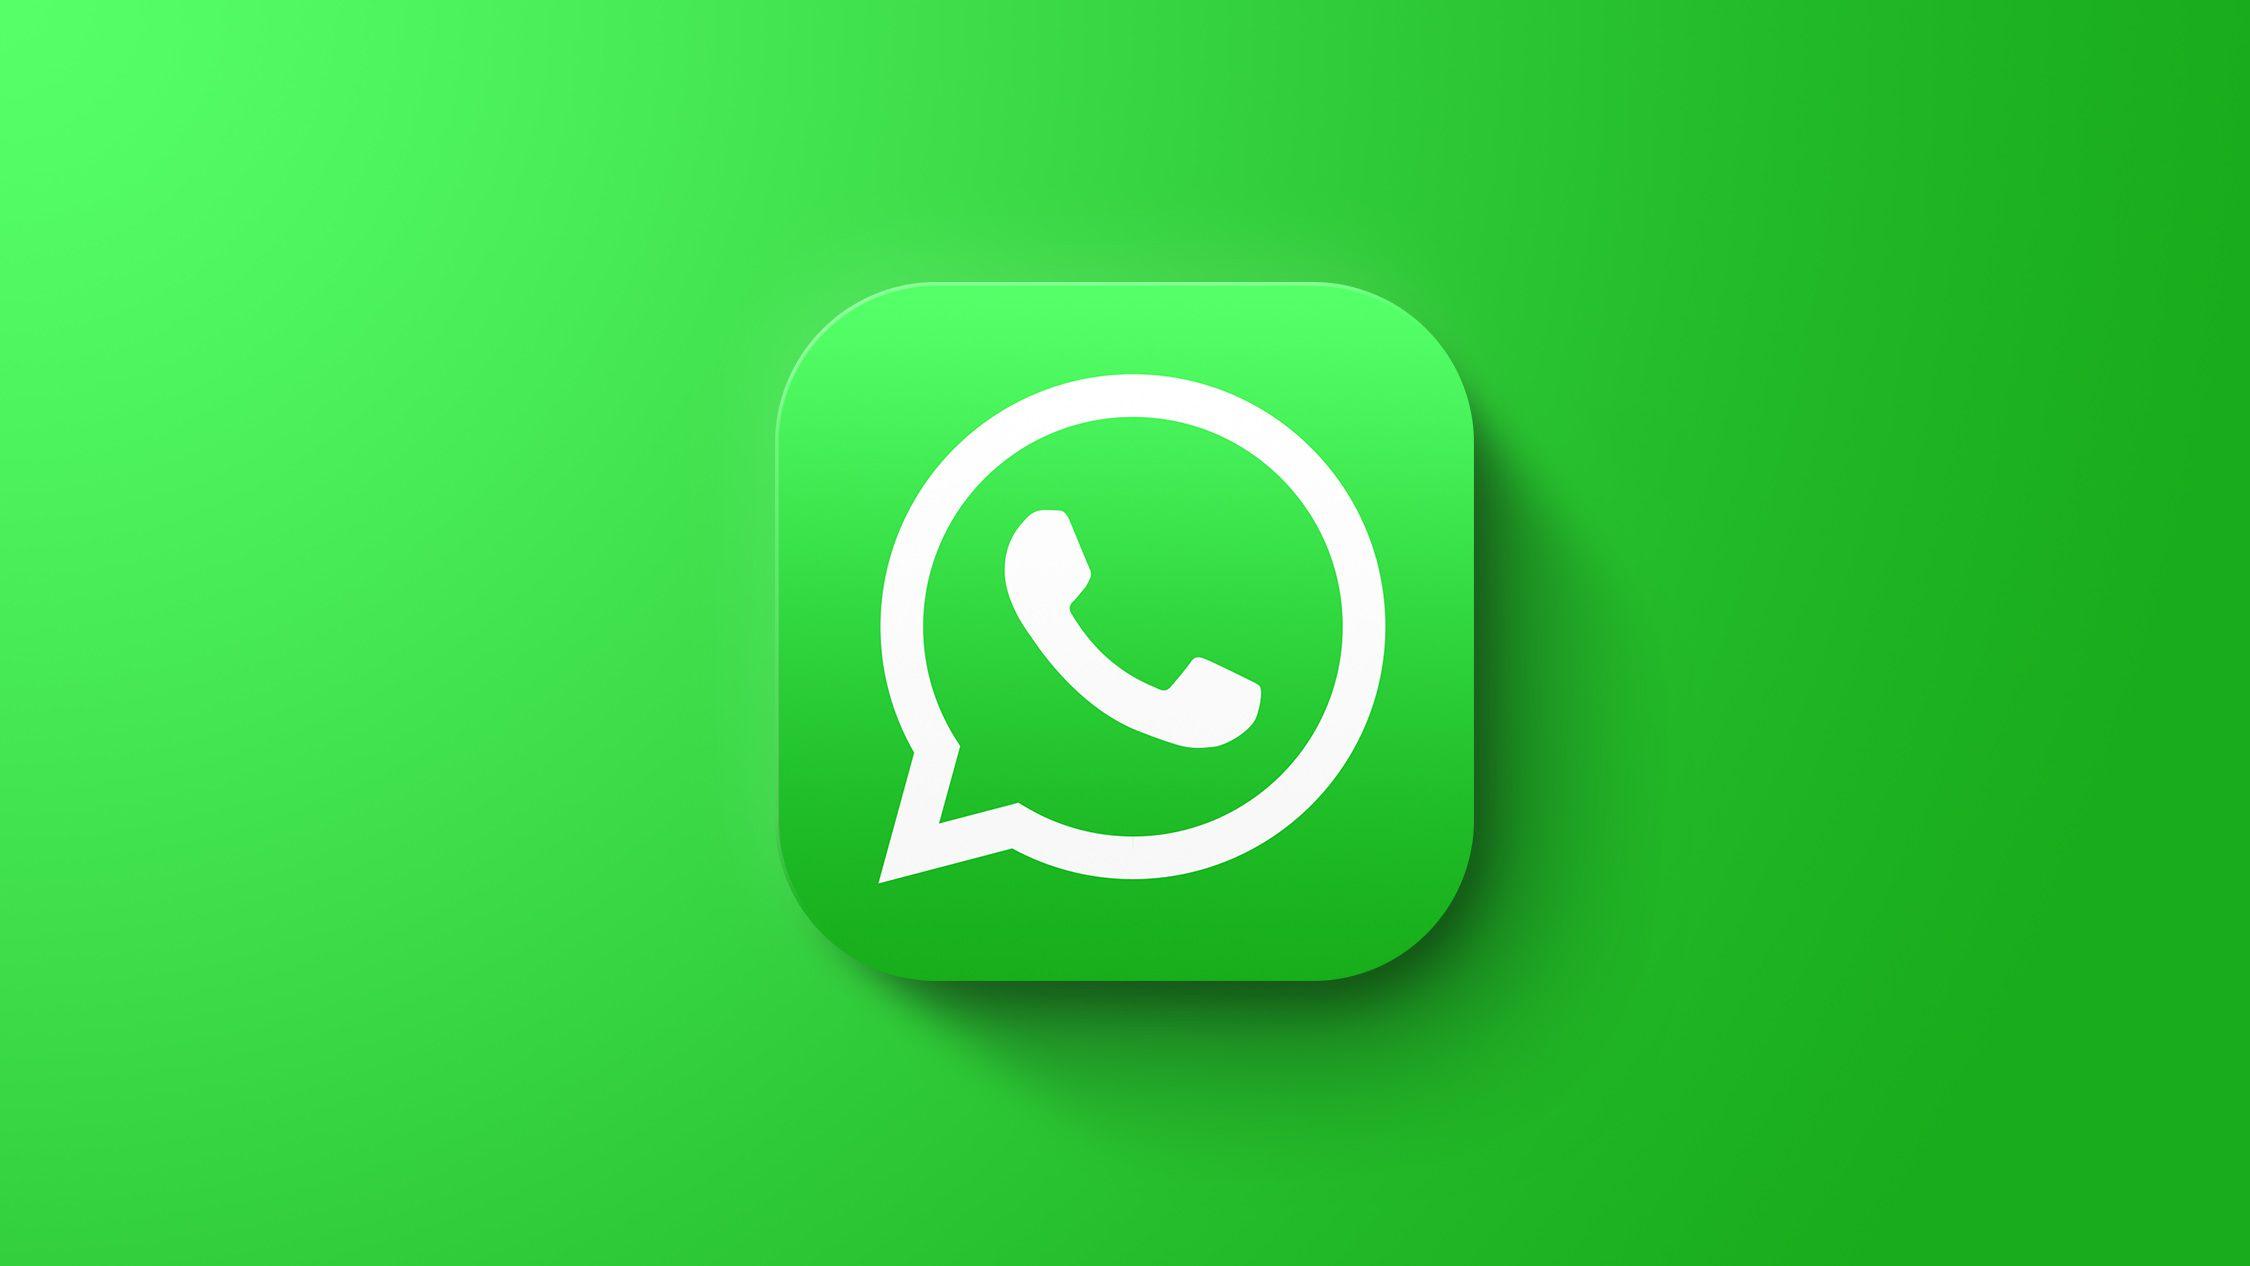 واتساپ بهزودی برای آیپد منتشر میشود